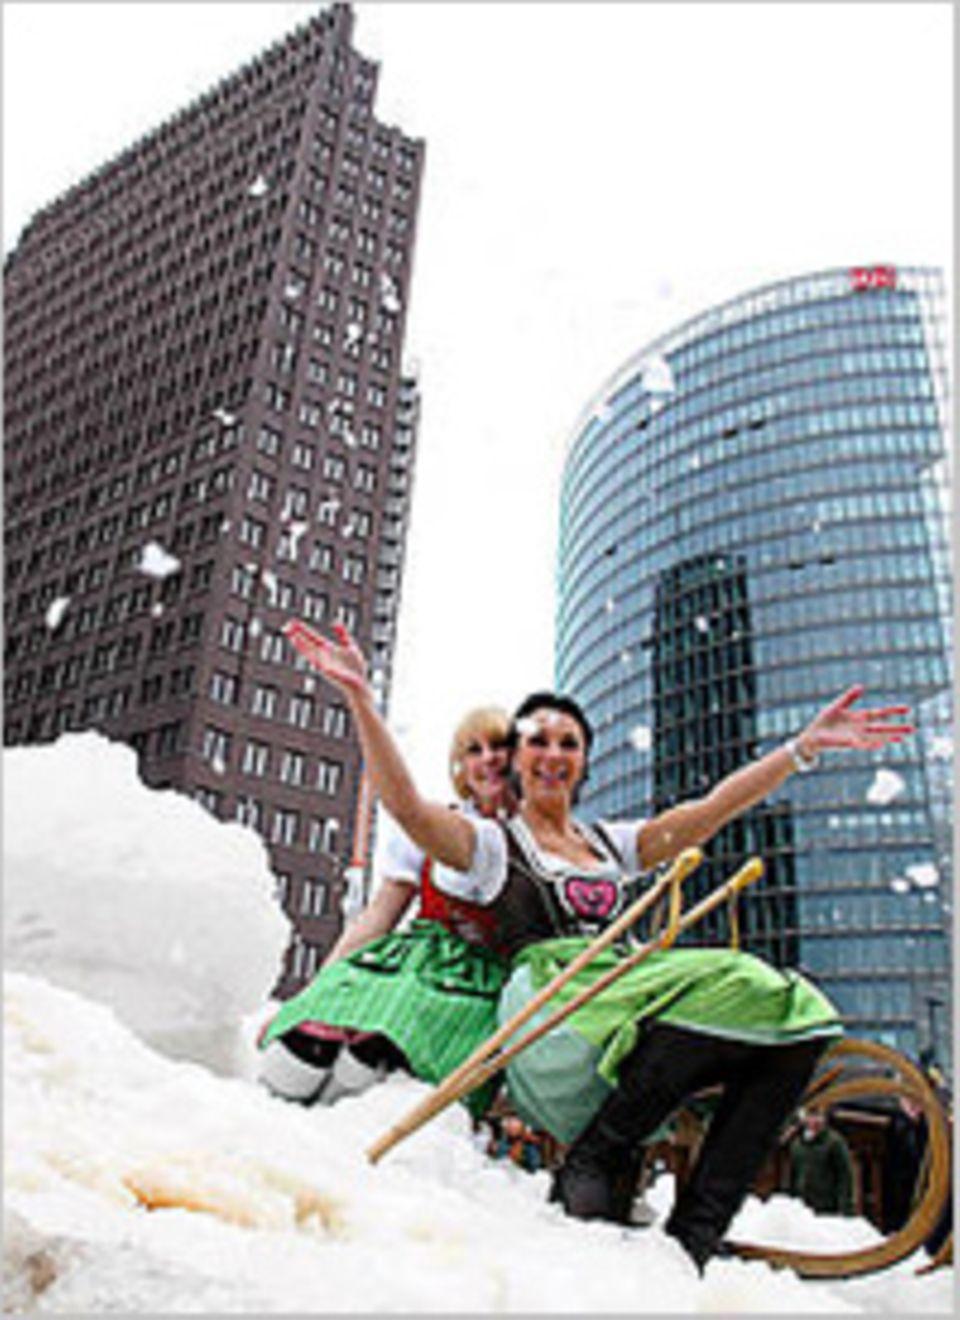 Weihnachtsmärkte: Kunstschnee zum Rodeln - in Berlin geht es sportlich zu